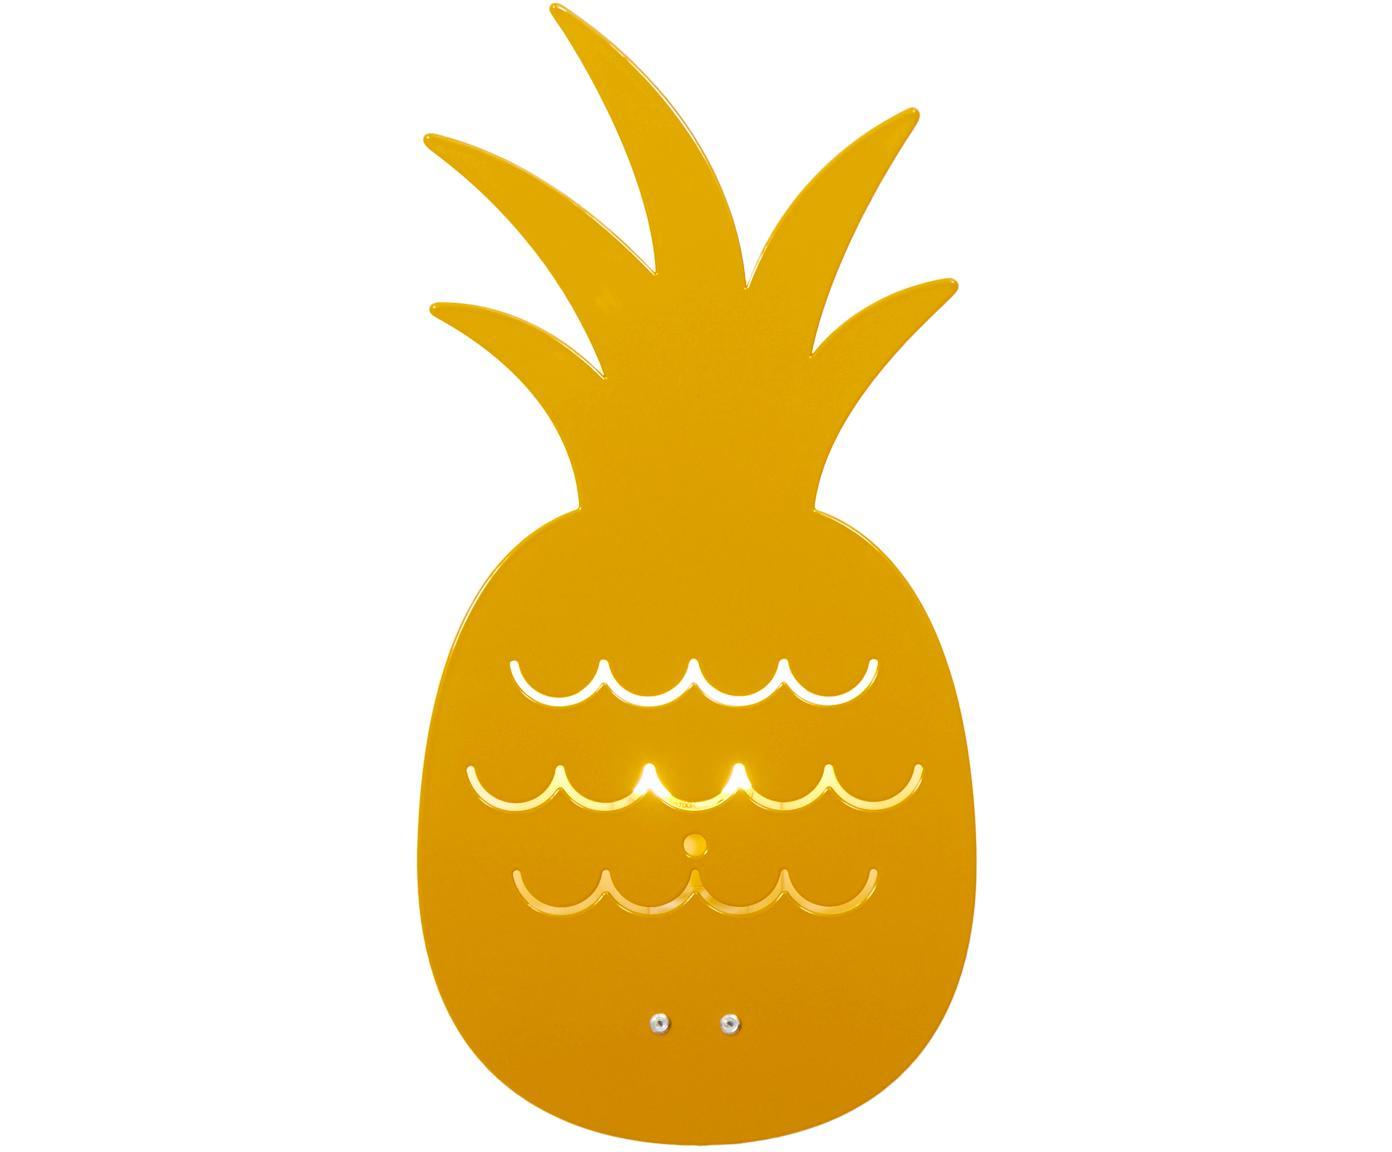 Wandleuchte Pineapple, Metall, pulverbeschichtet, Ockergelb, 17 x 33 cm